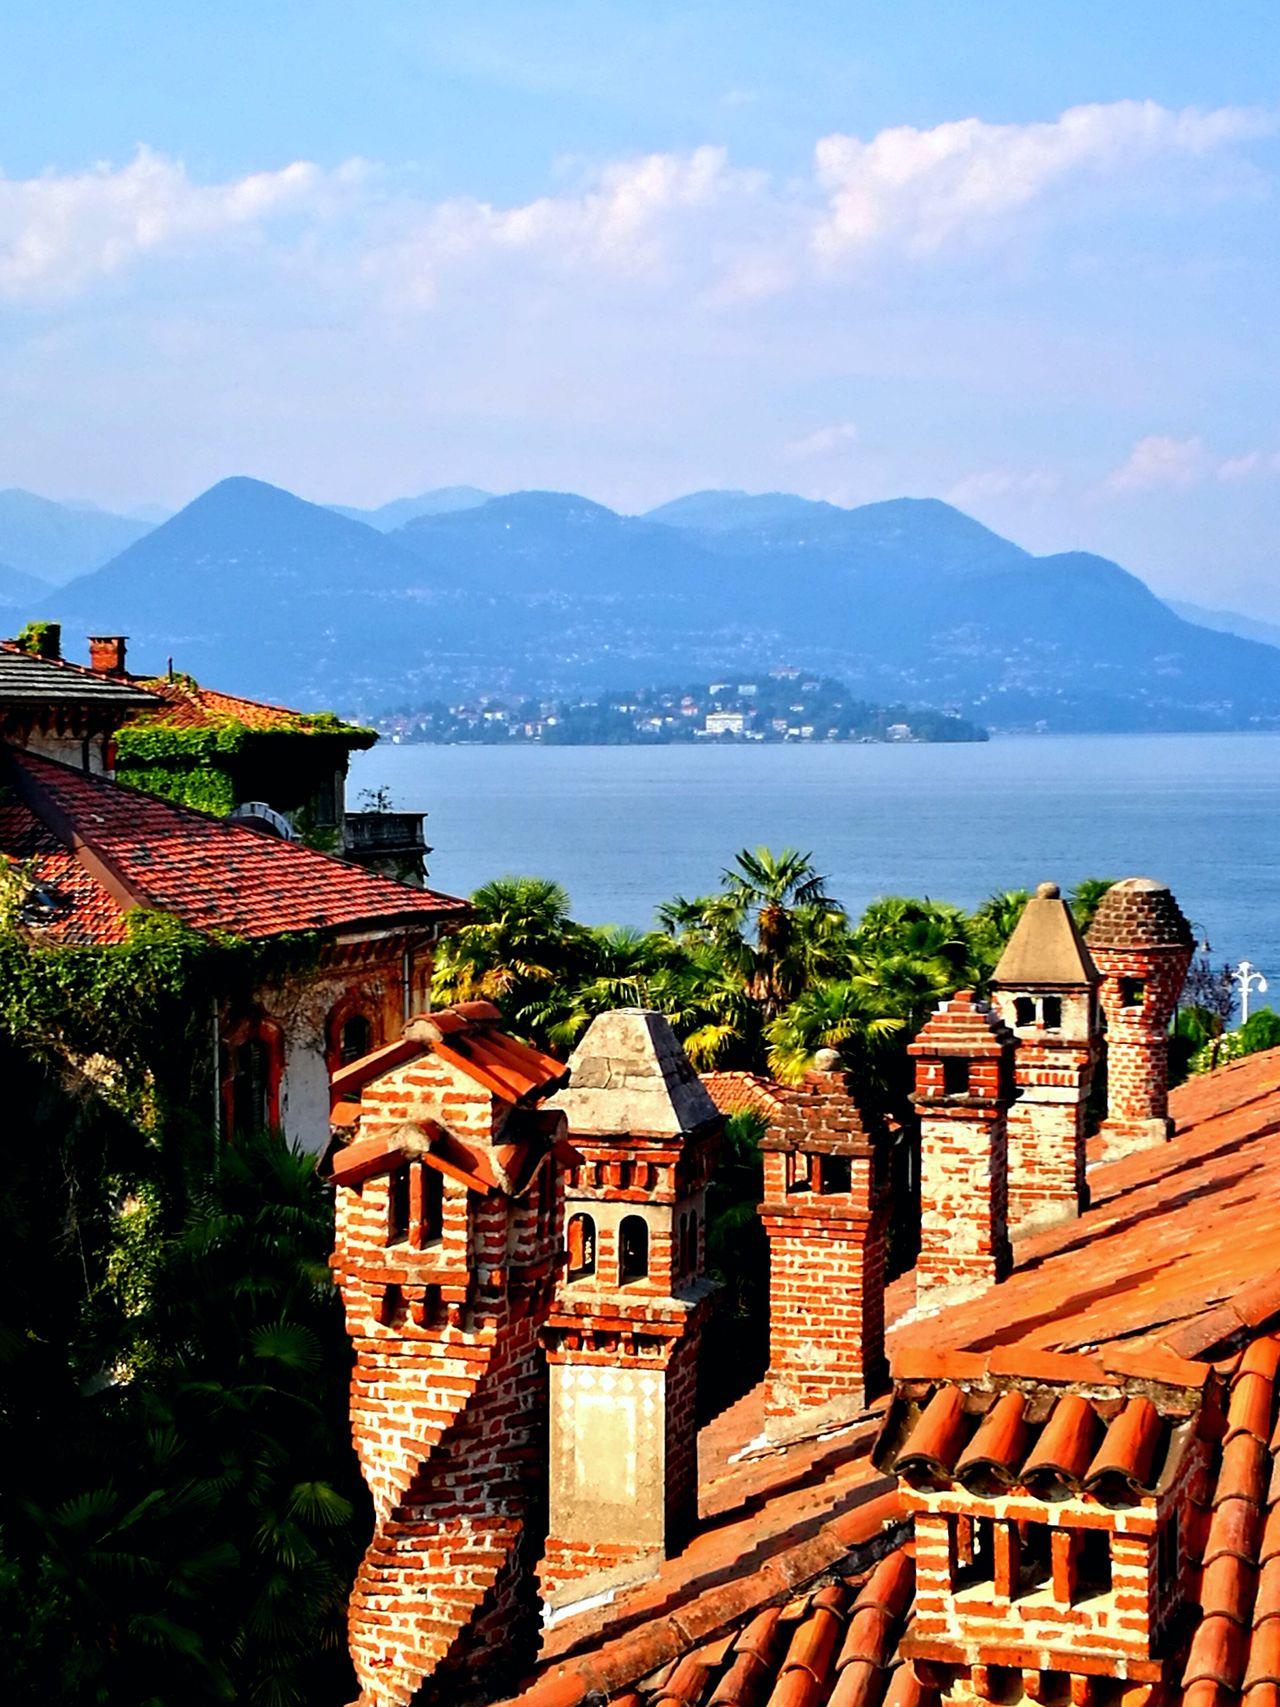 Architecture House Roof Chimneys Dach Dächer Schornstein Schornsteine View Blick Roof View Lake See Lago Maggiore Stresa